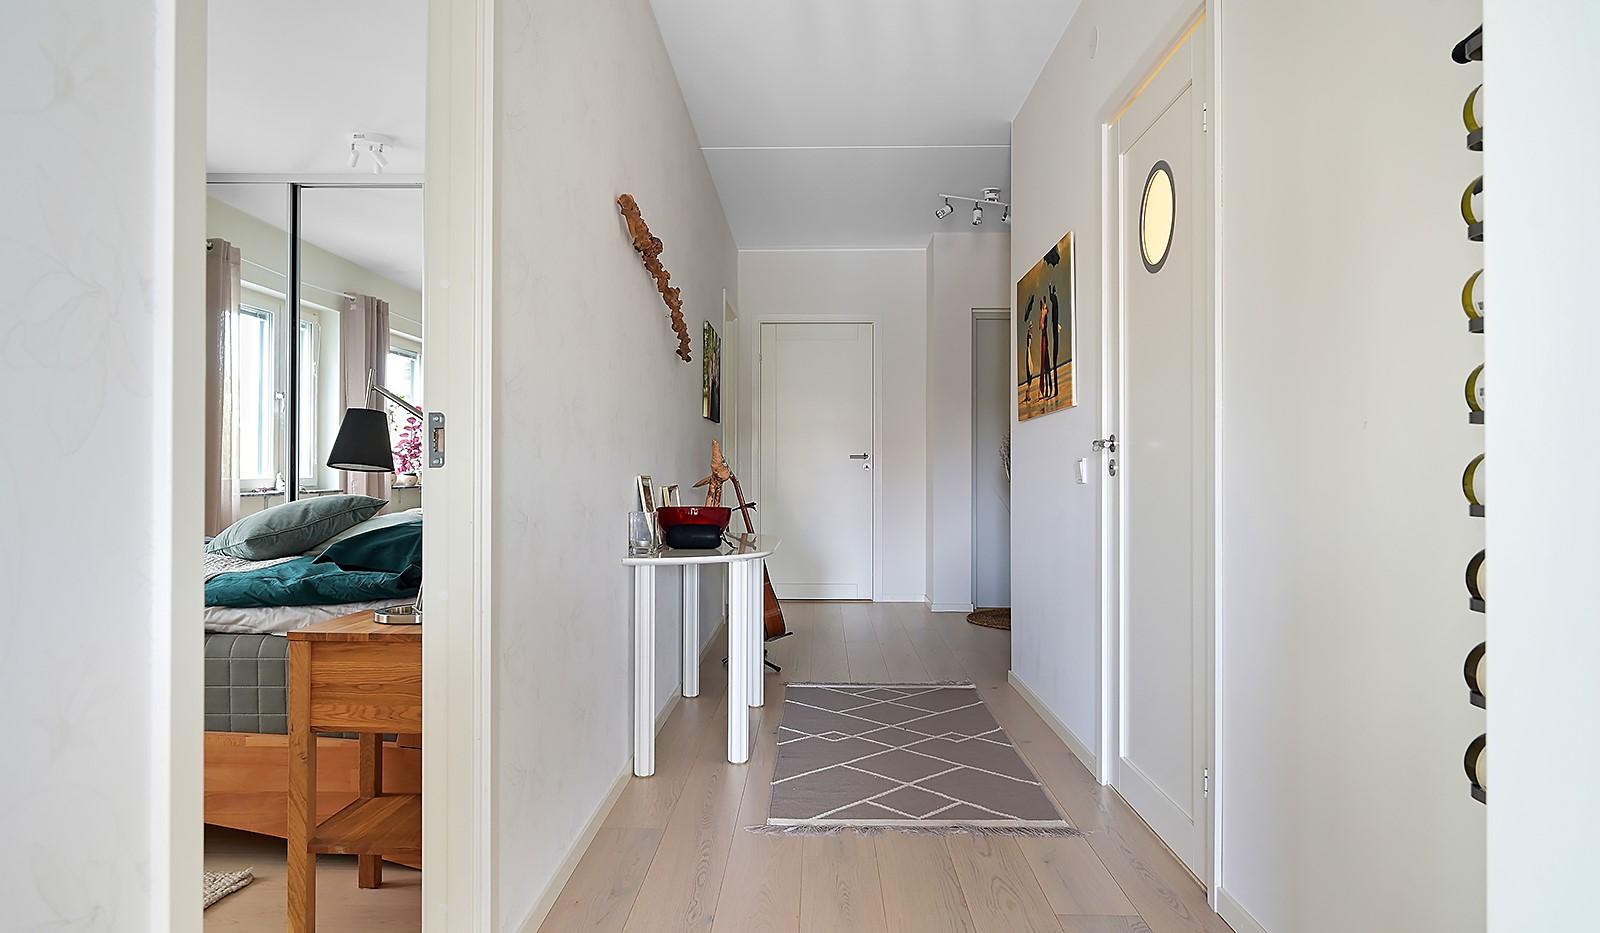 Fredriksdalsgatan 24, vån 2 - Bägge bostadens sovrum ligger med lugnt läge mot innergården